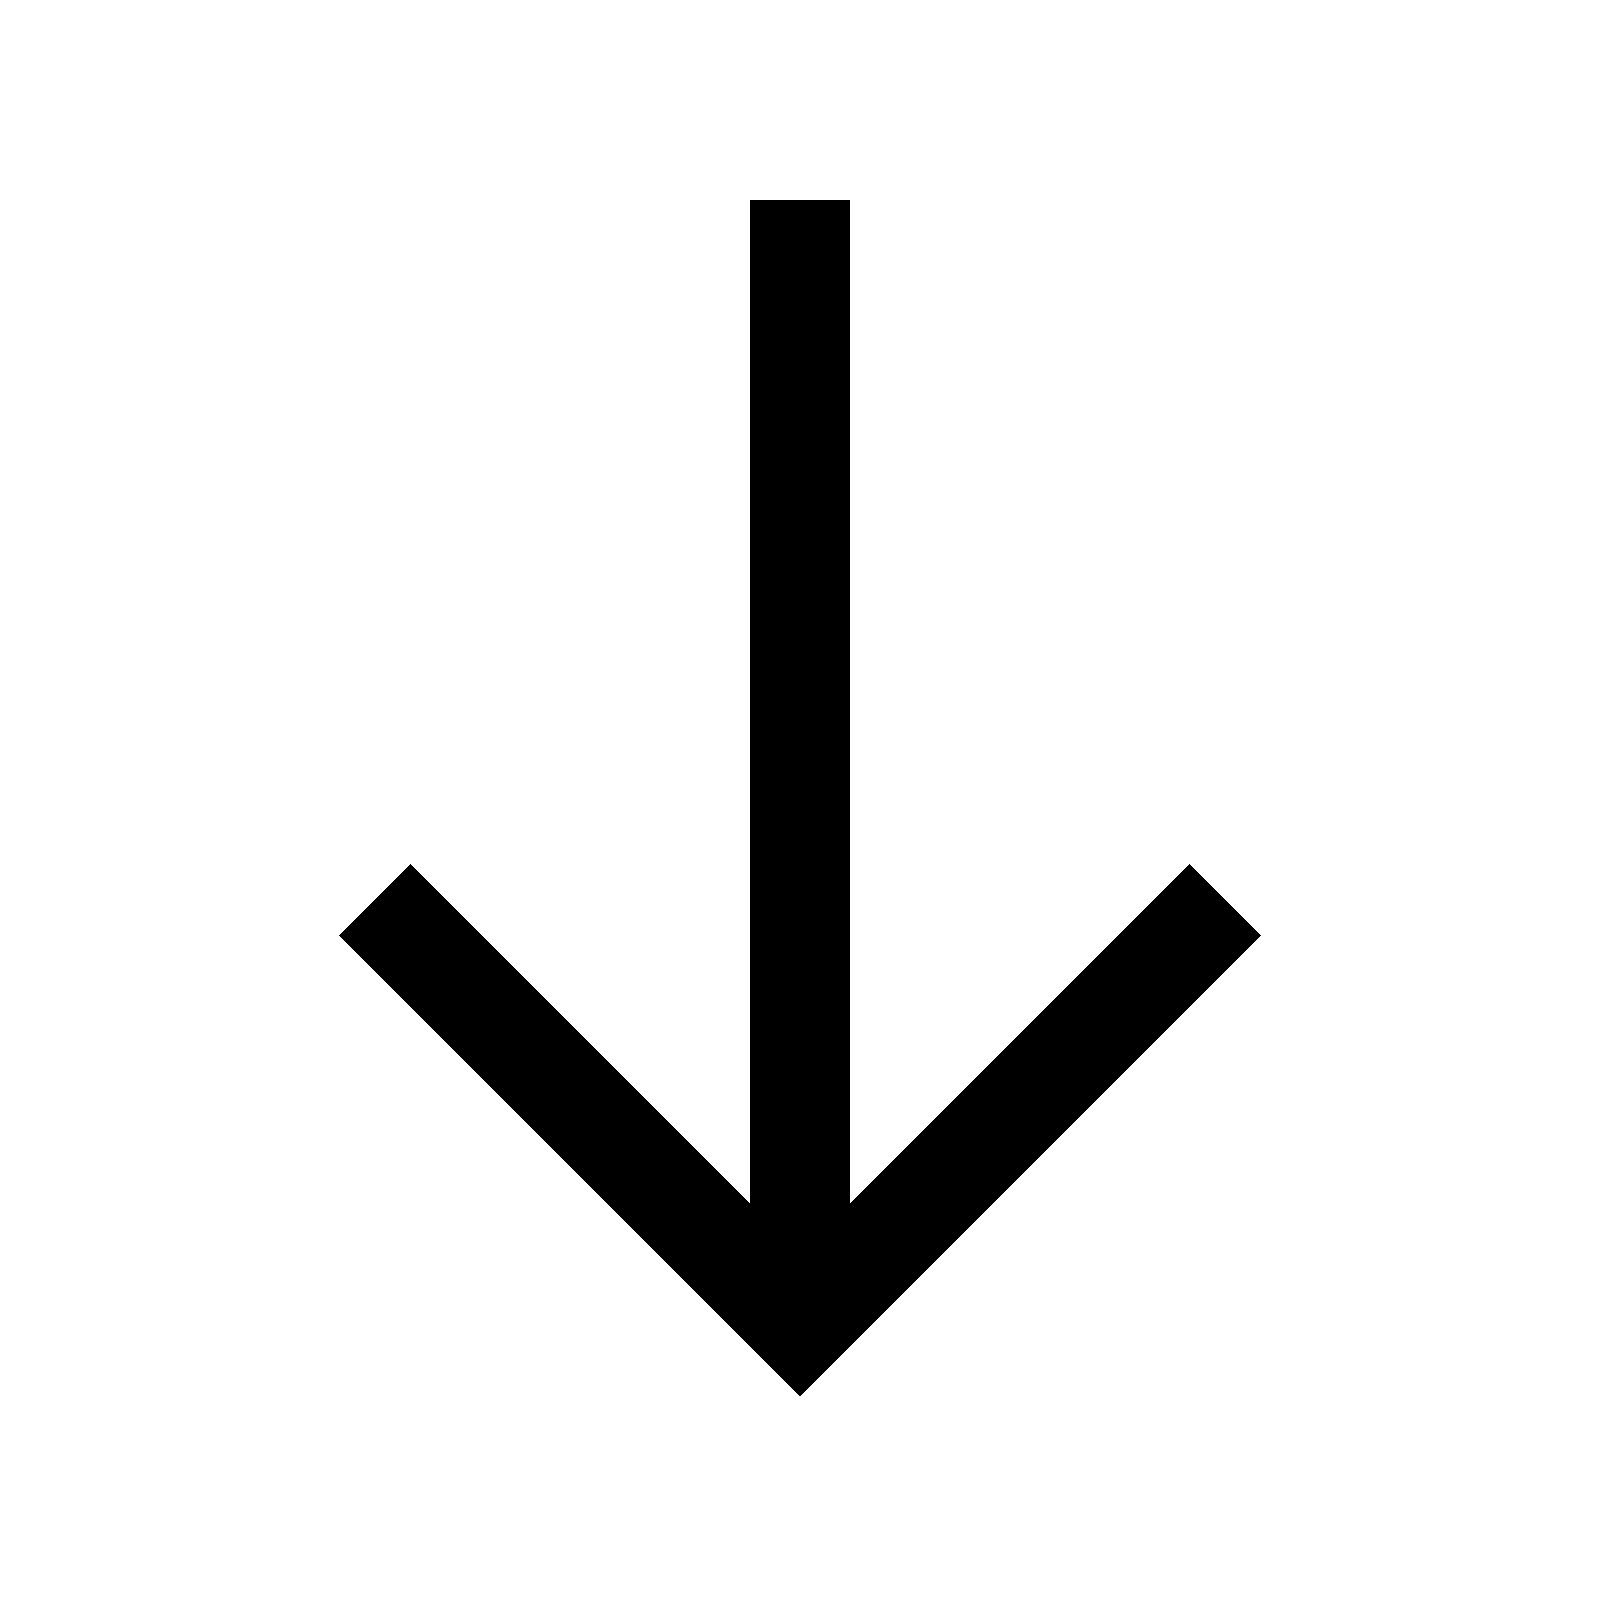 Arrow banner royalty free download Arrows Icons - Free Download at Icons8 banner royalty free download